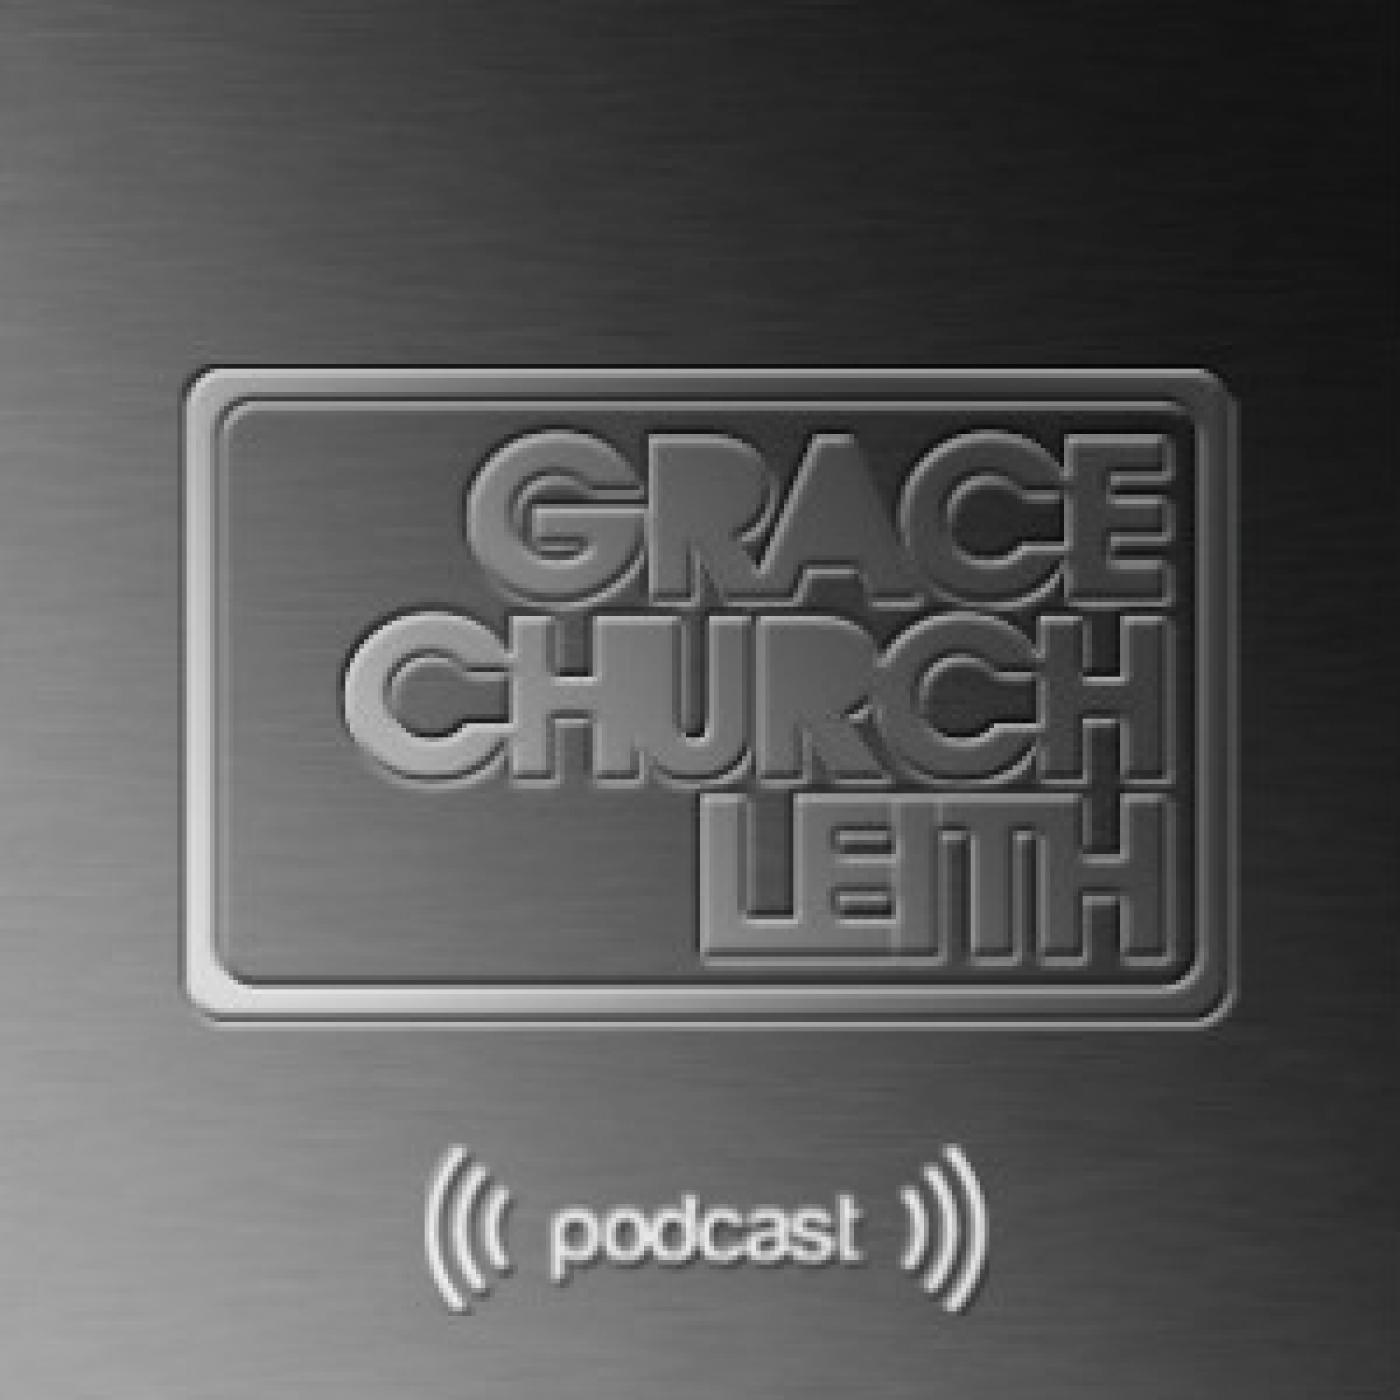 Grace Church Leith Podcast